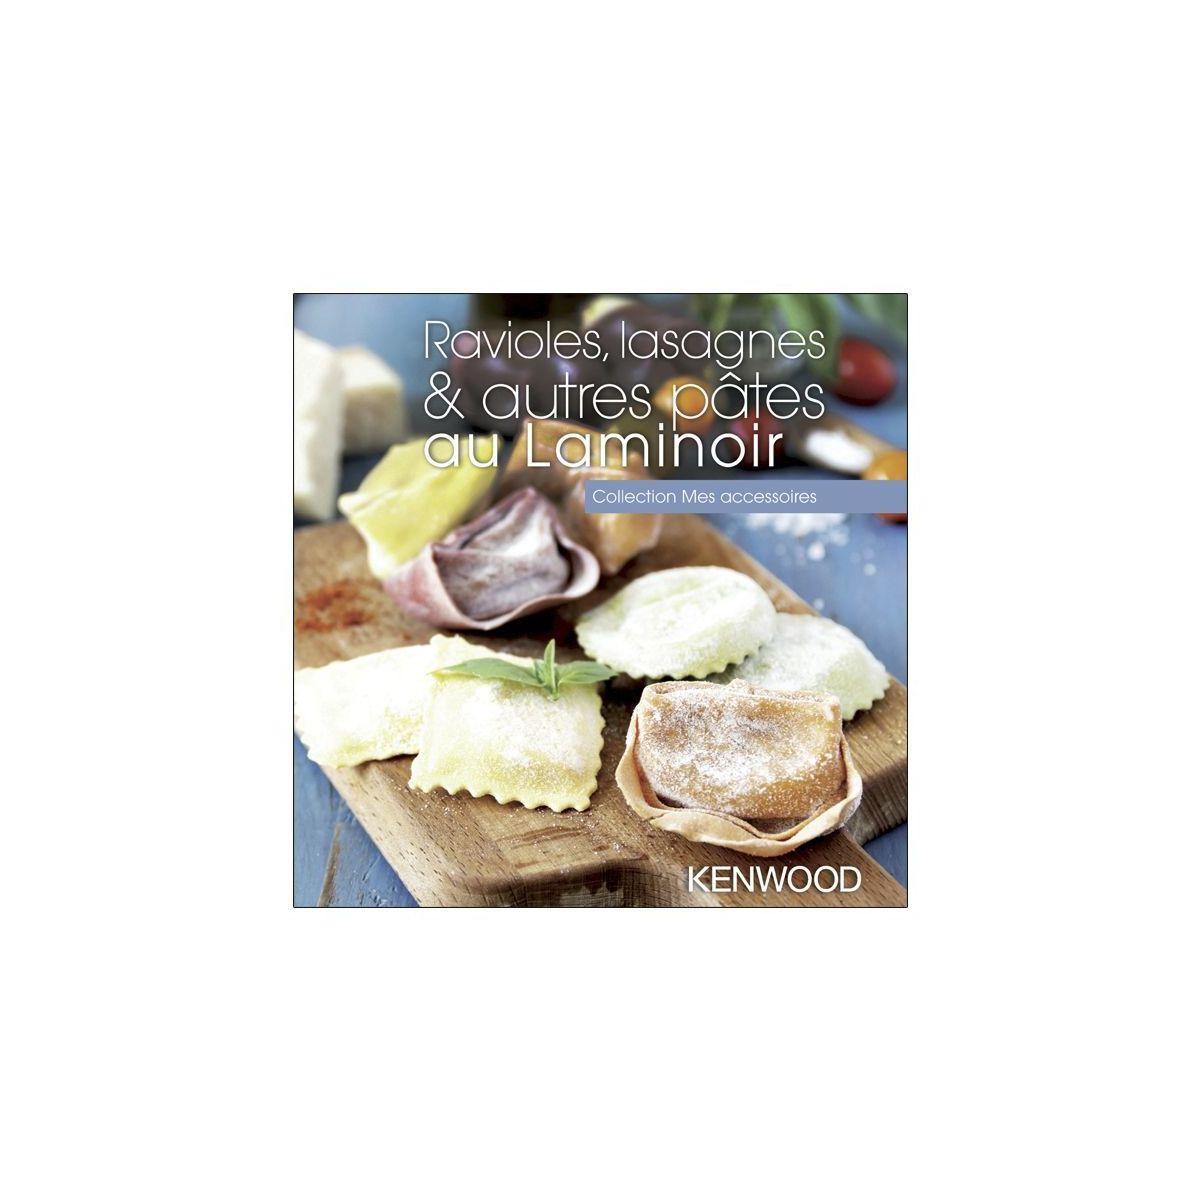 Livre de cuisine kenwood ravioles, lasagnes & autres p?tes...